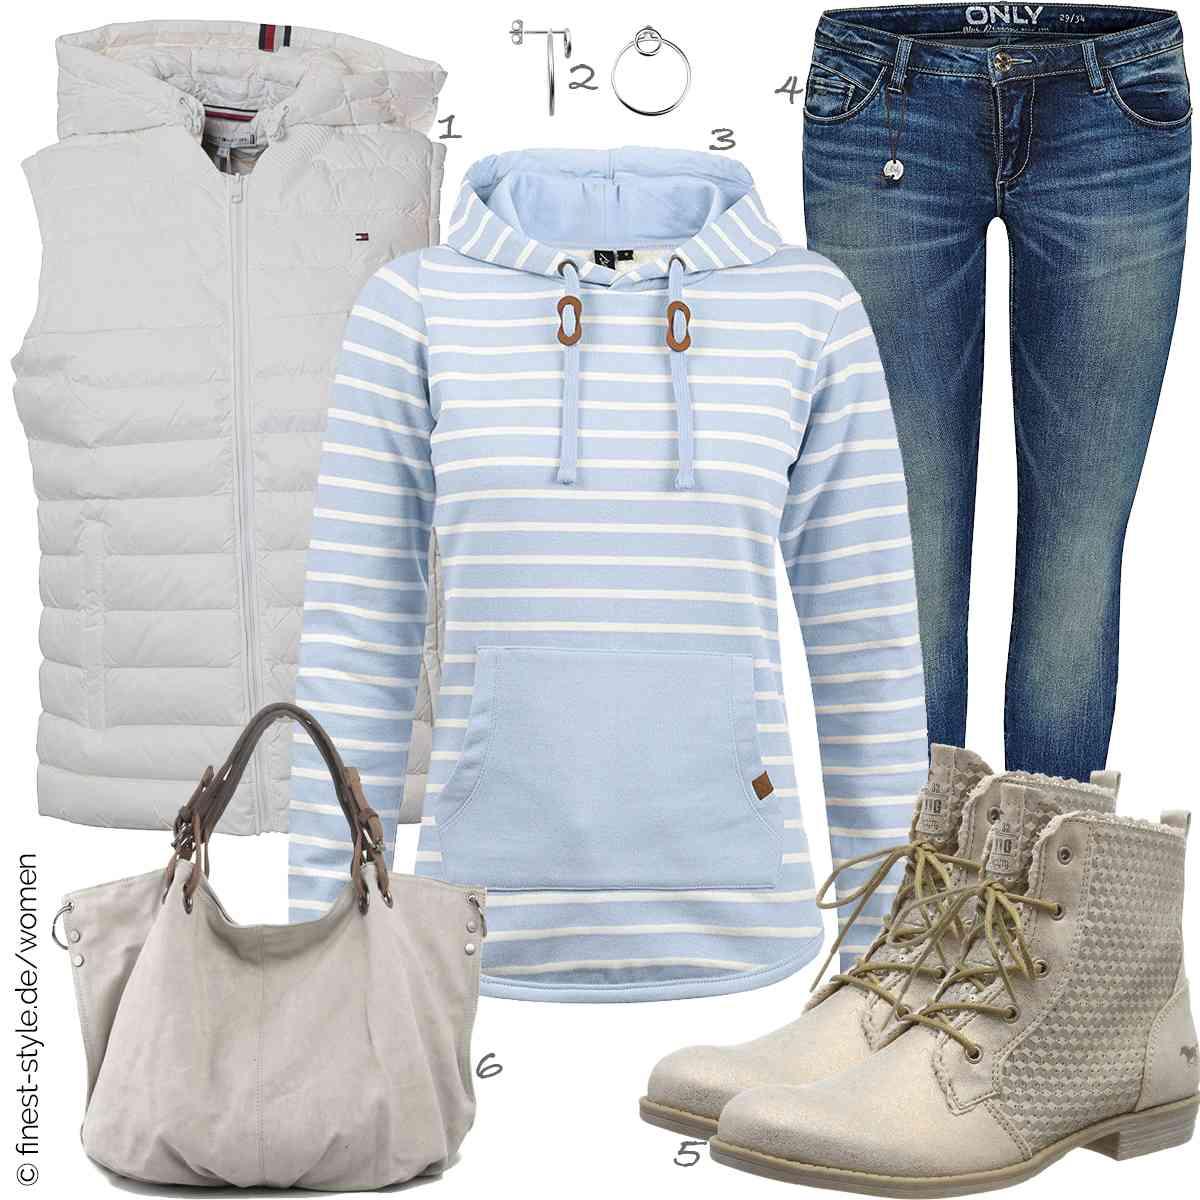 Top Herren-Outfit im Finest-Trend-Style für ein selbstbewusstes Modegefühl mit tollen Produkten von Tommy Hilfiger,Sofia Milani,BlendShe,ONLY,MUSTANG,P.KU.VDSL